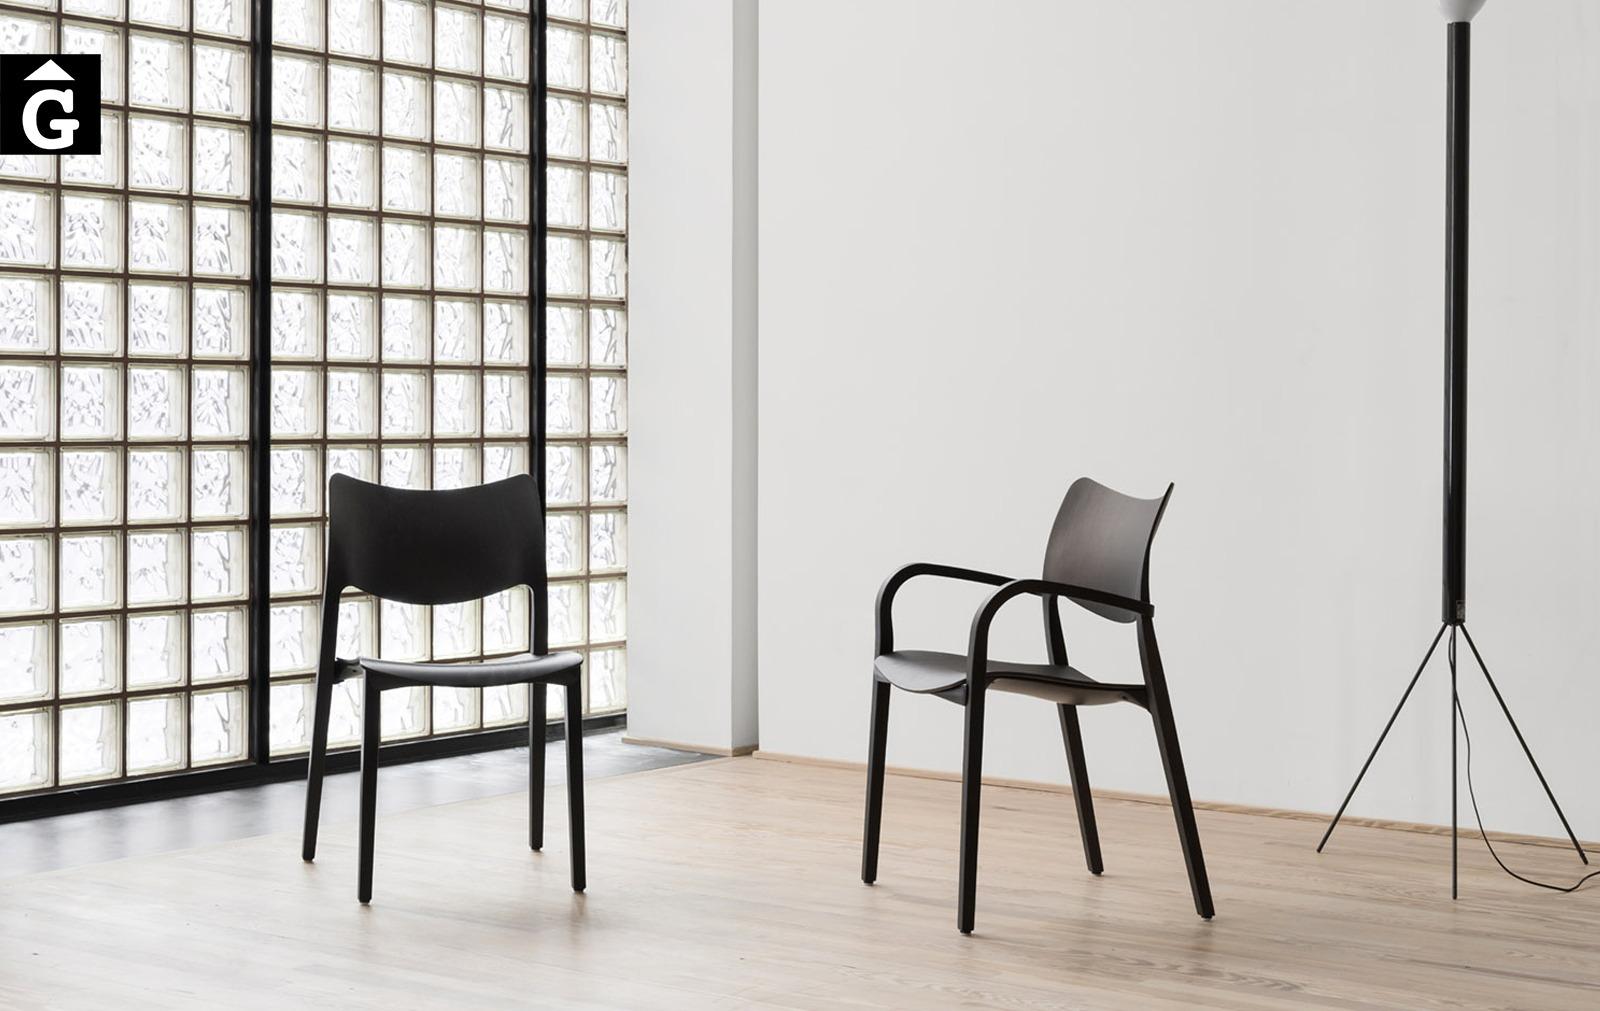 Cadira Laclásica   Stua   mobles de qualitat i disseny   mobles Gifreu